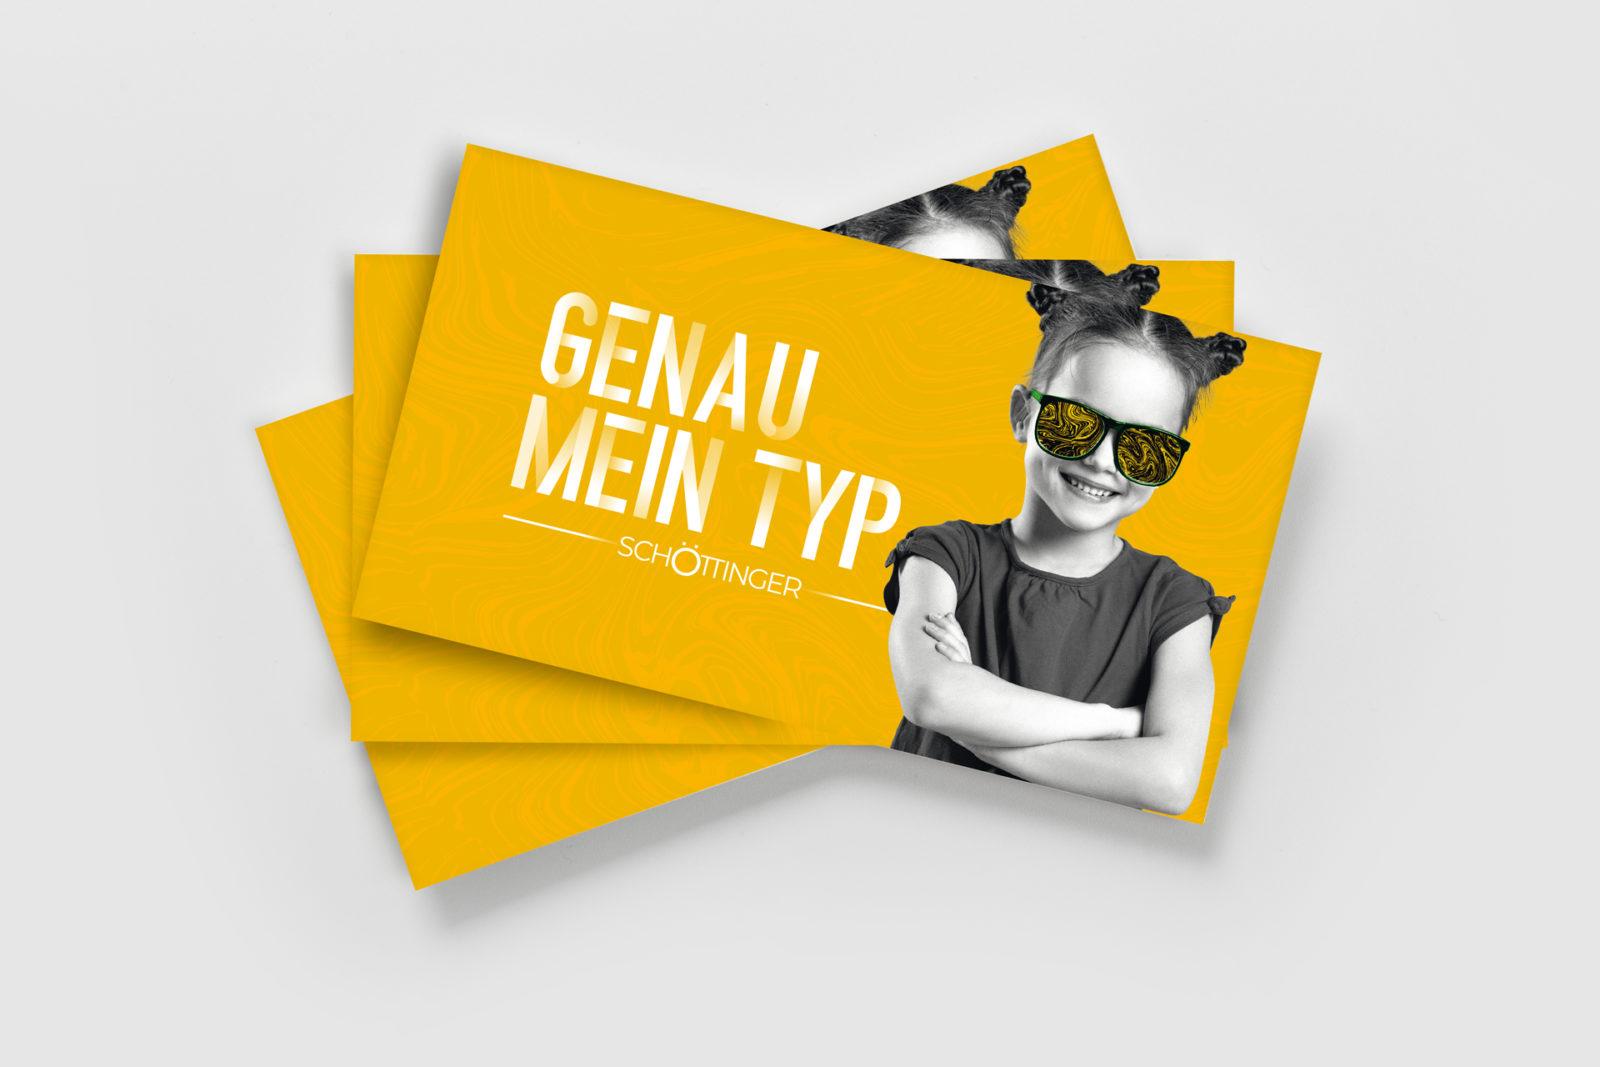 Sabath Media Werbeagentur - Wir sind die Brille Schöttinger GmbH - Referenzbild 3